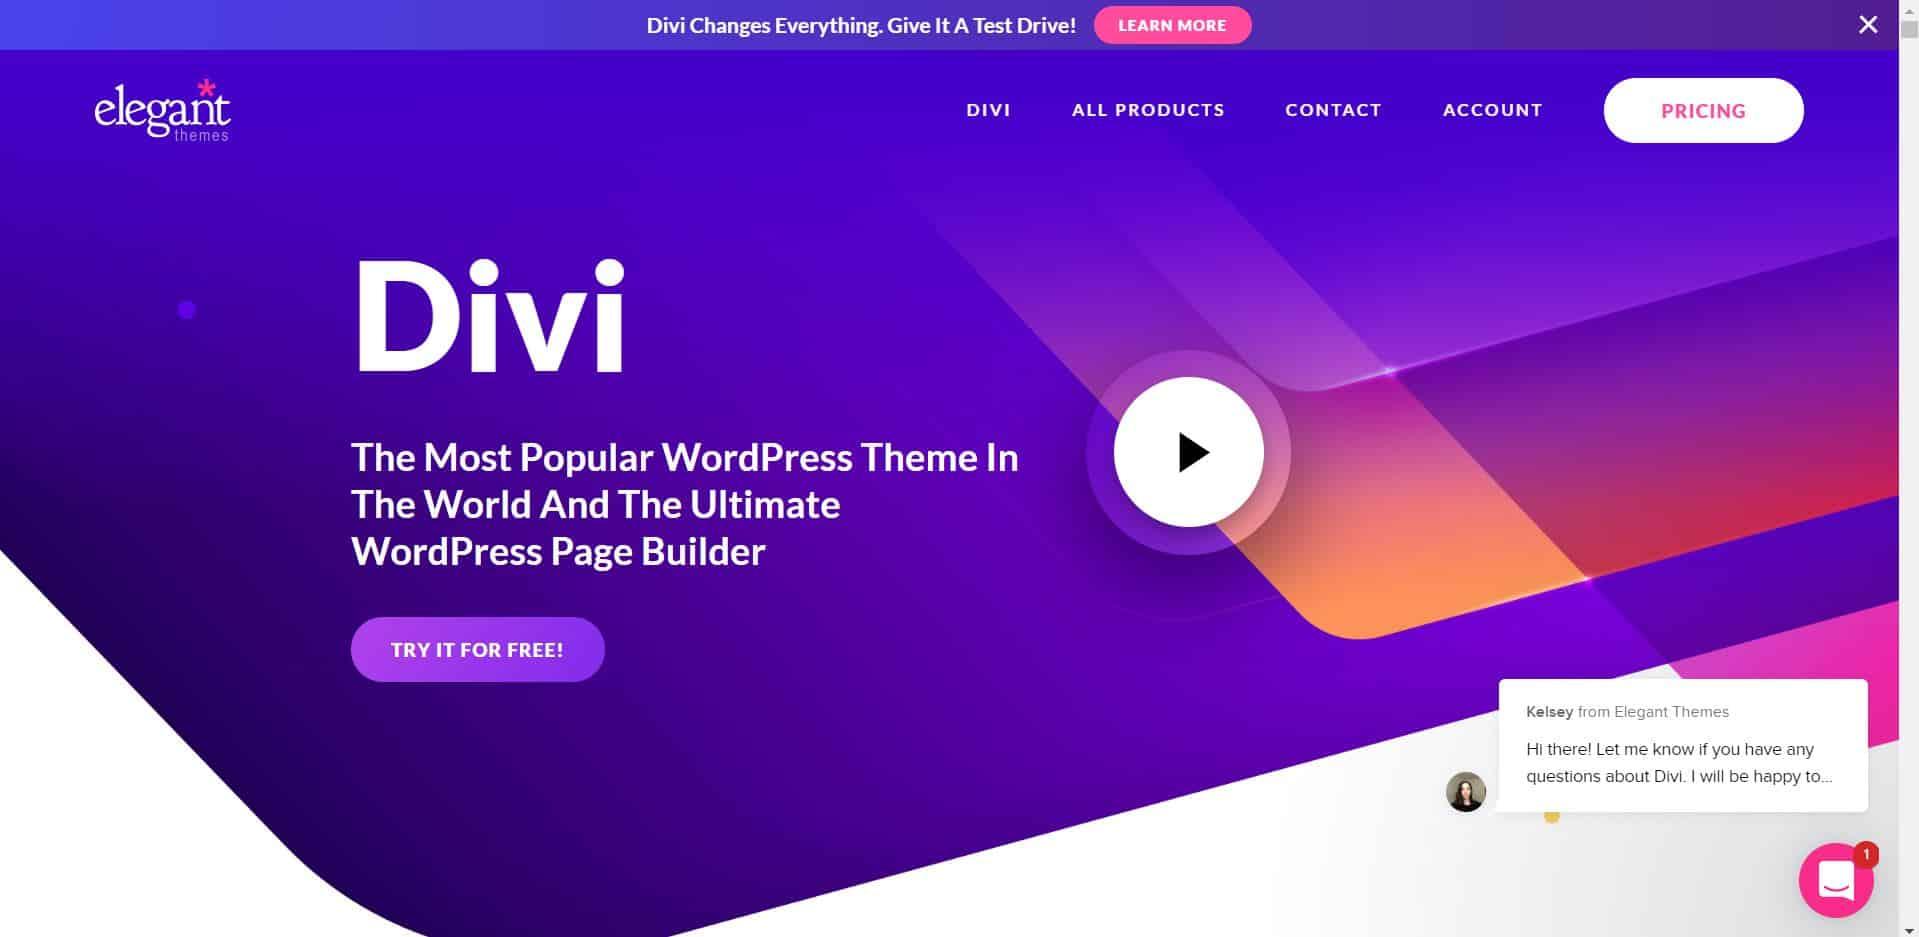 pagina-web-divi-ivan-garcia-diseño-web-wordpress-y-divi